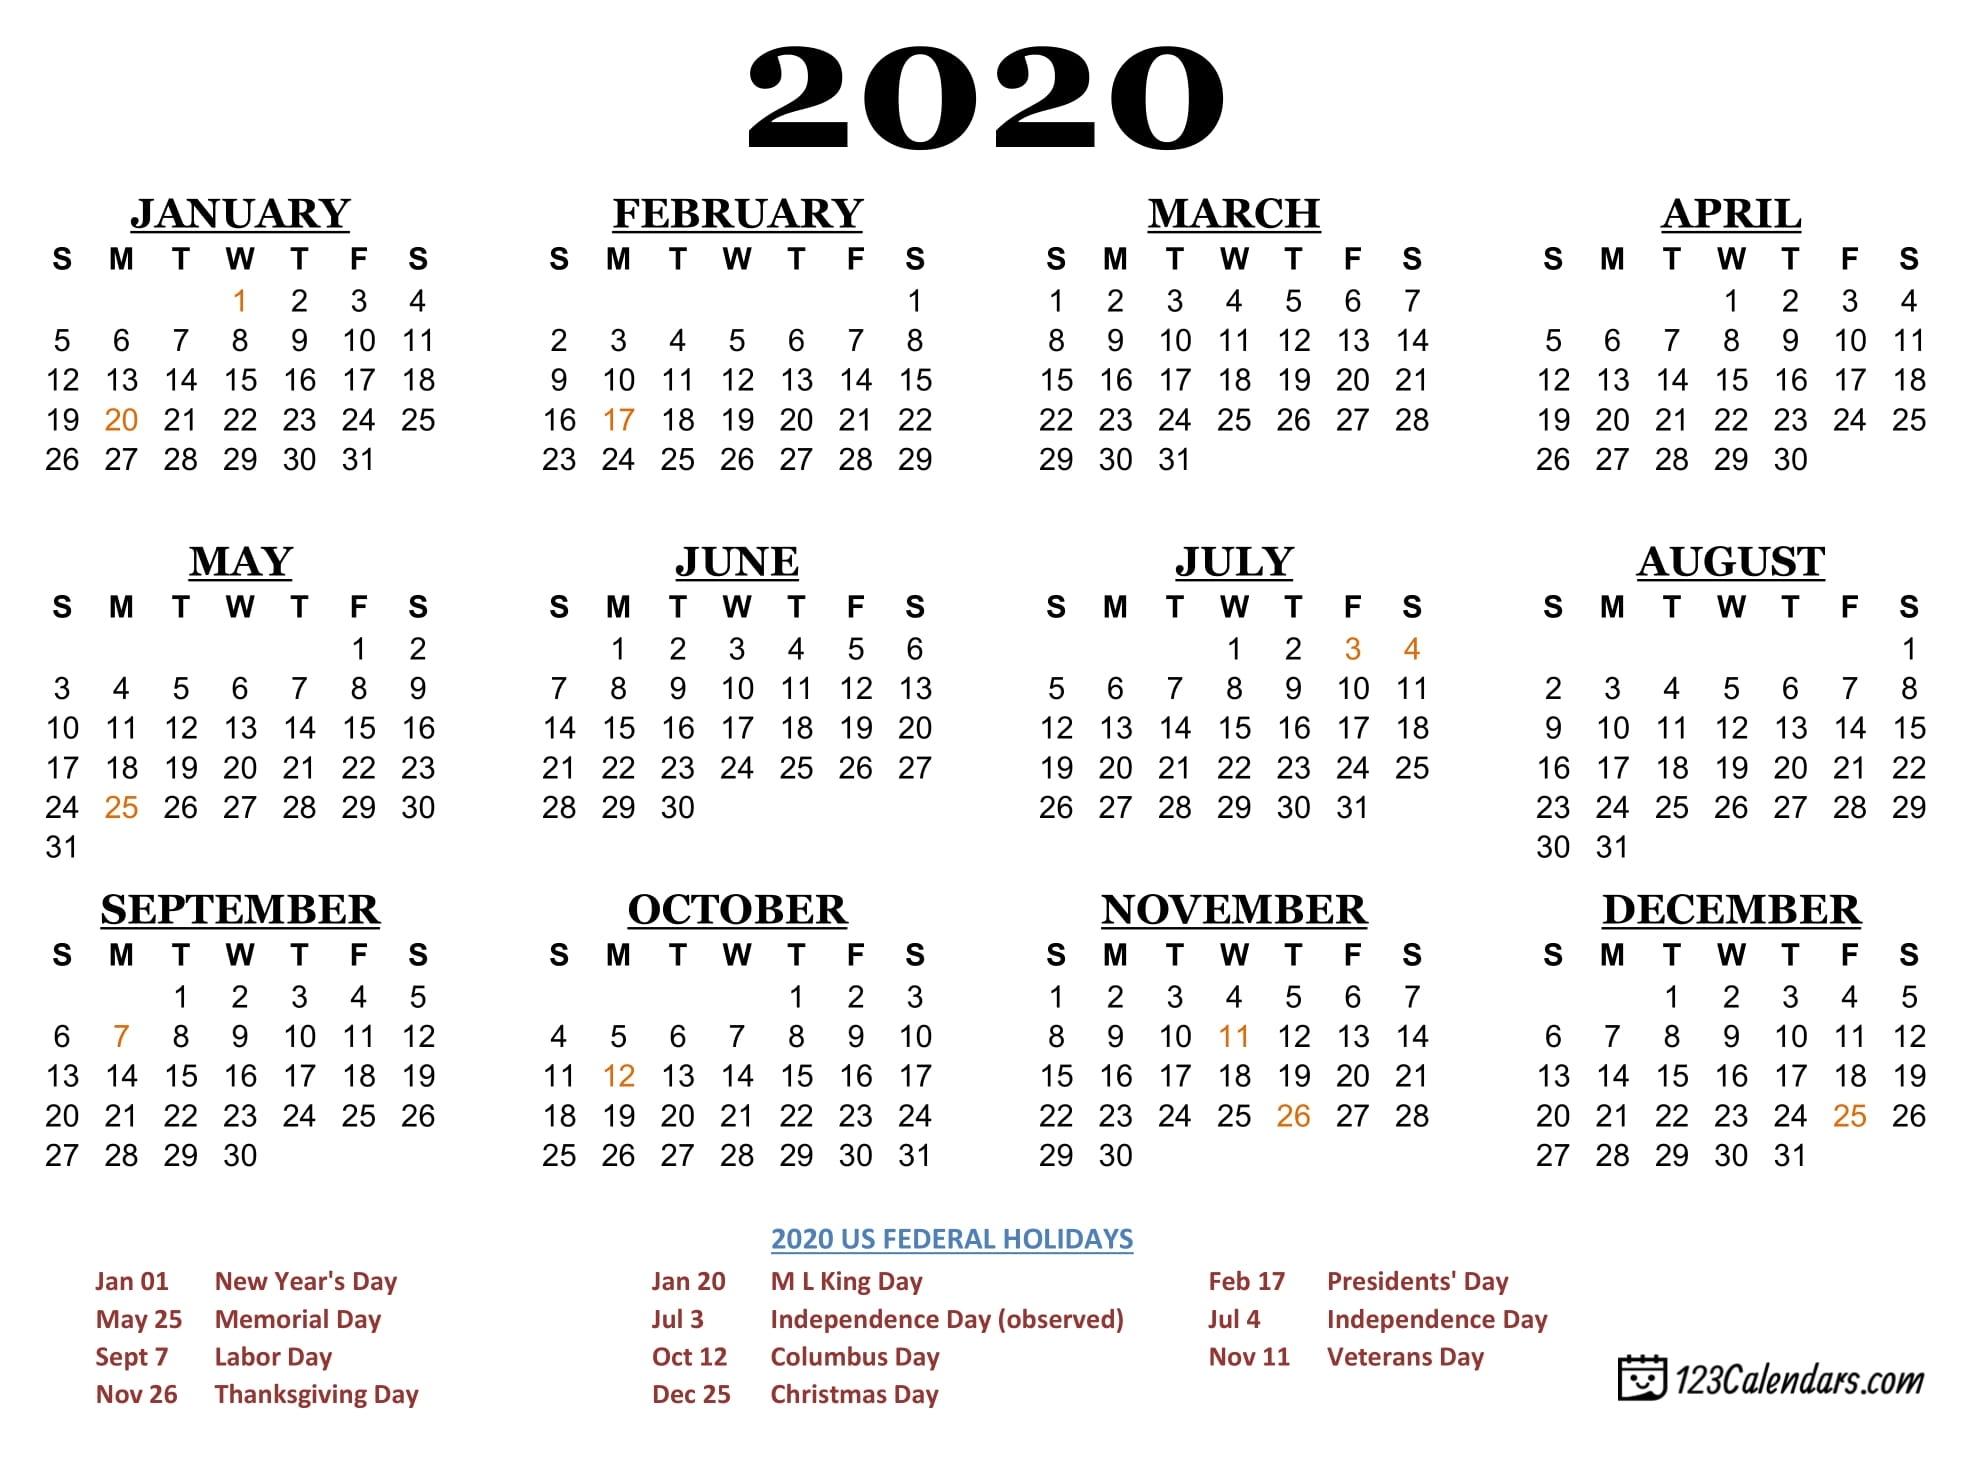 Free Printable 2020 Calendar | 123Calendars for 2020 Pocket Size Calendar Free